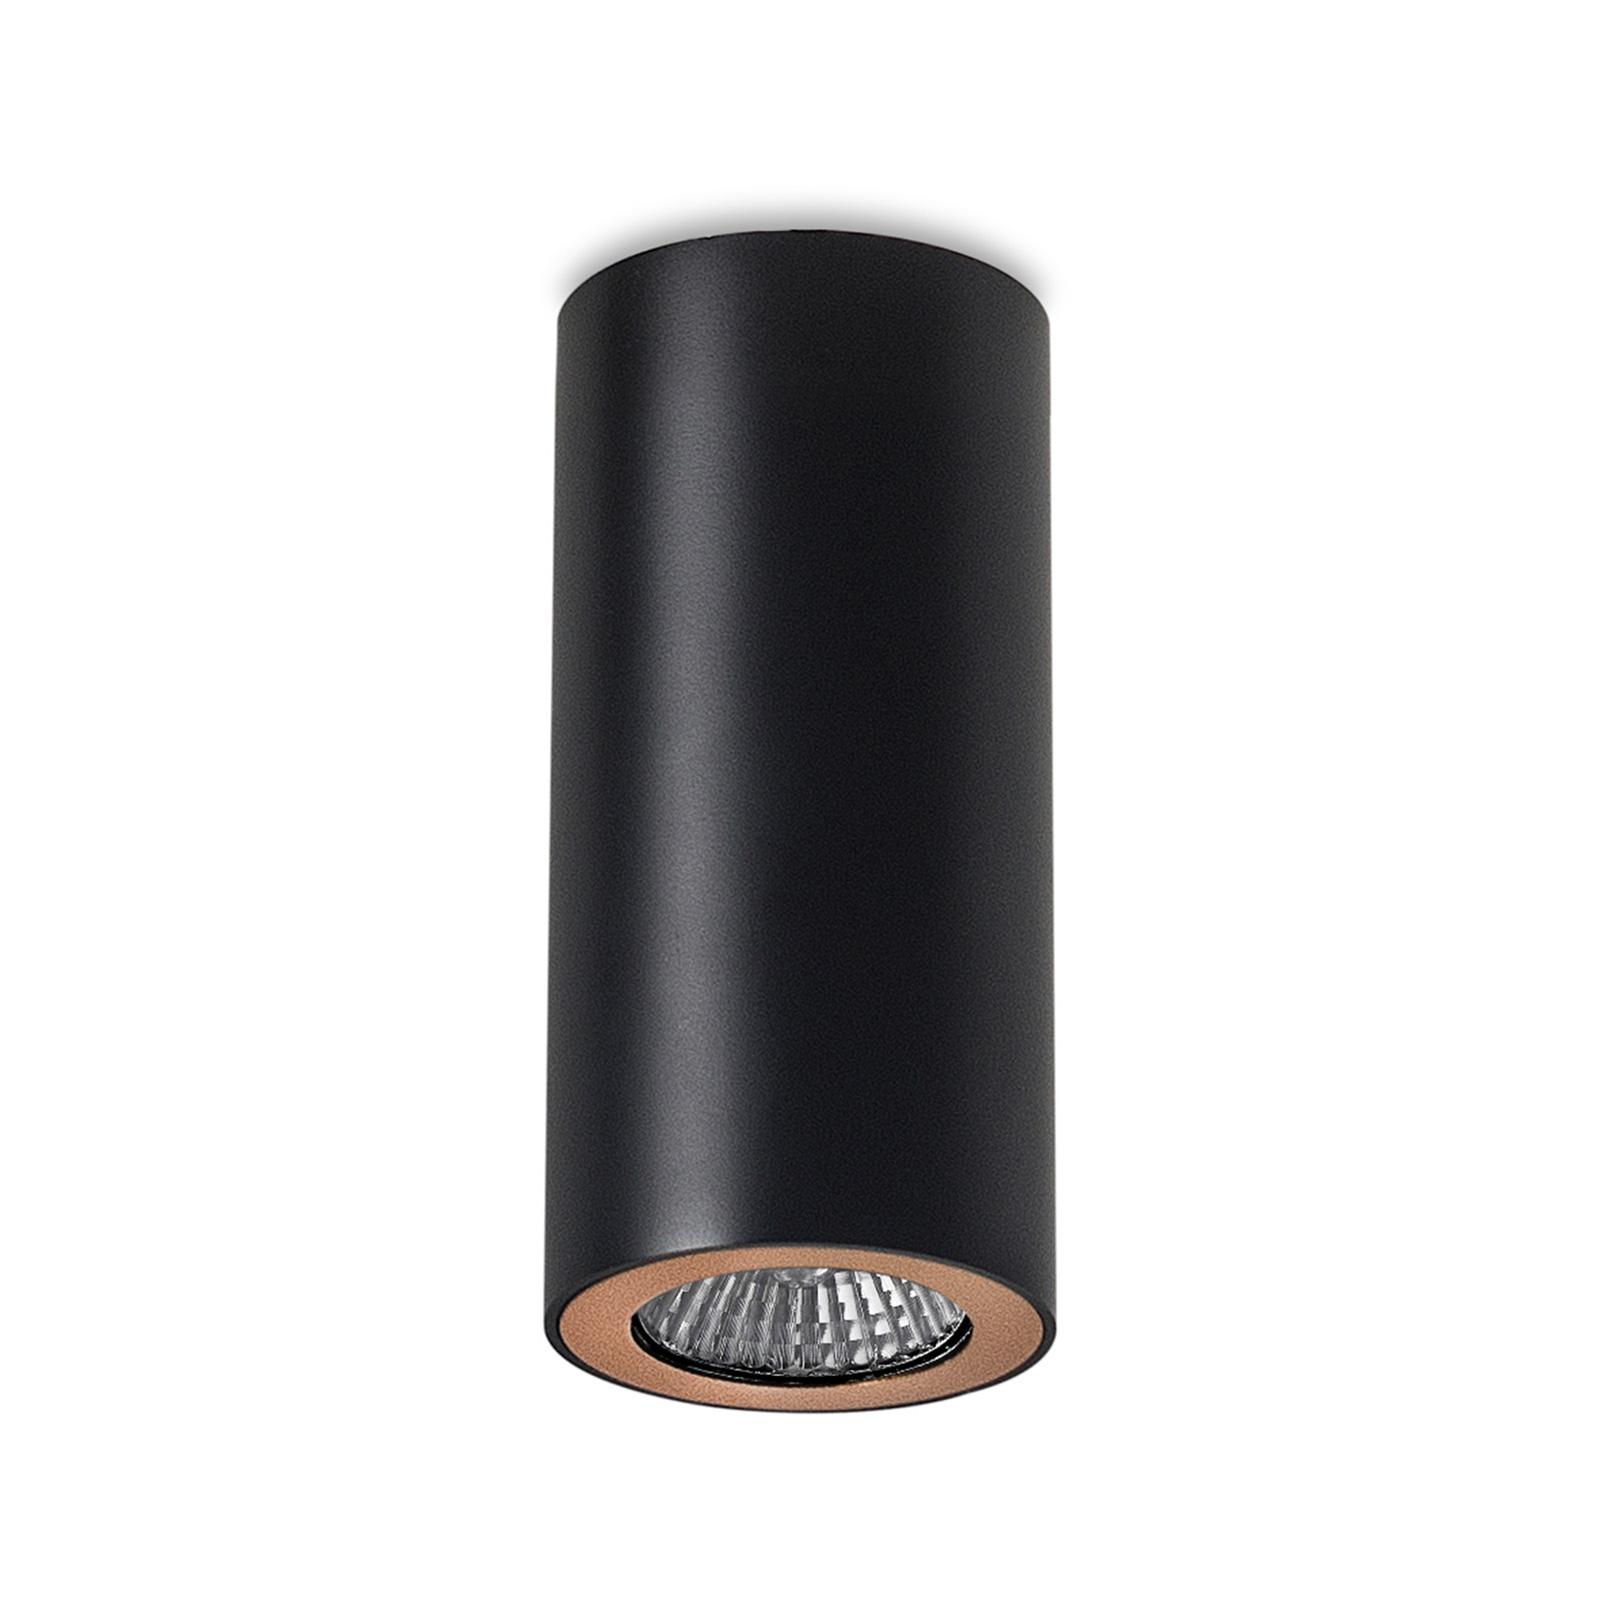 LEDS-C4 Pipe takspot 1 lyskilde svart-gull